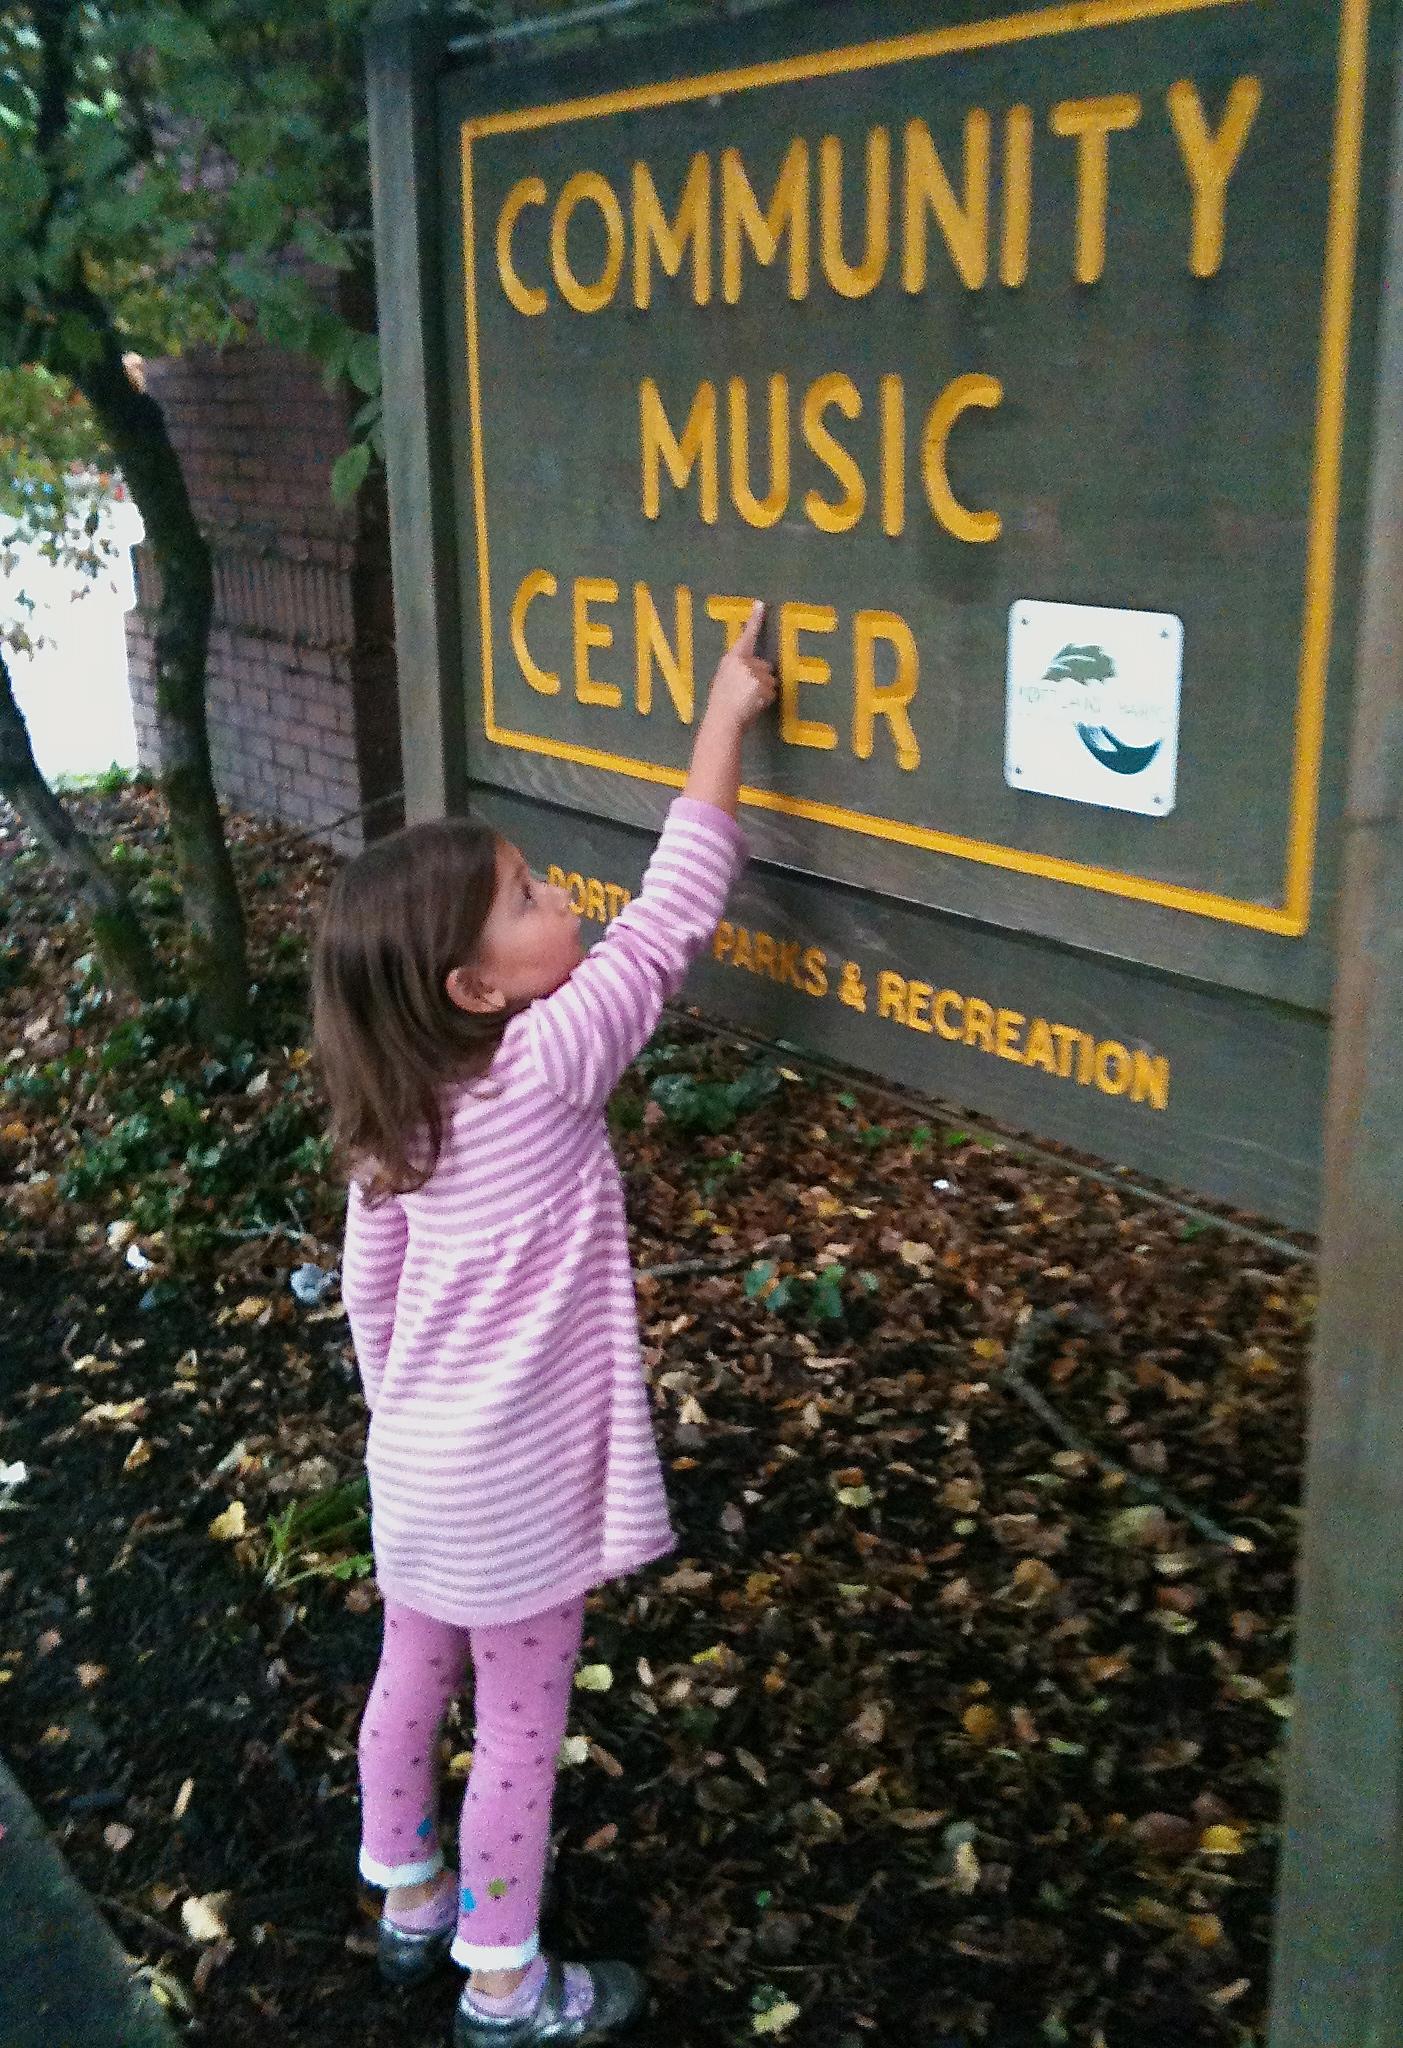 community music center sign.jpg